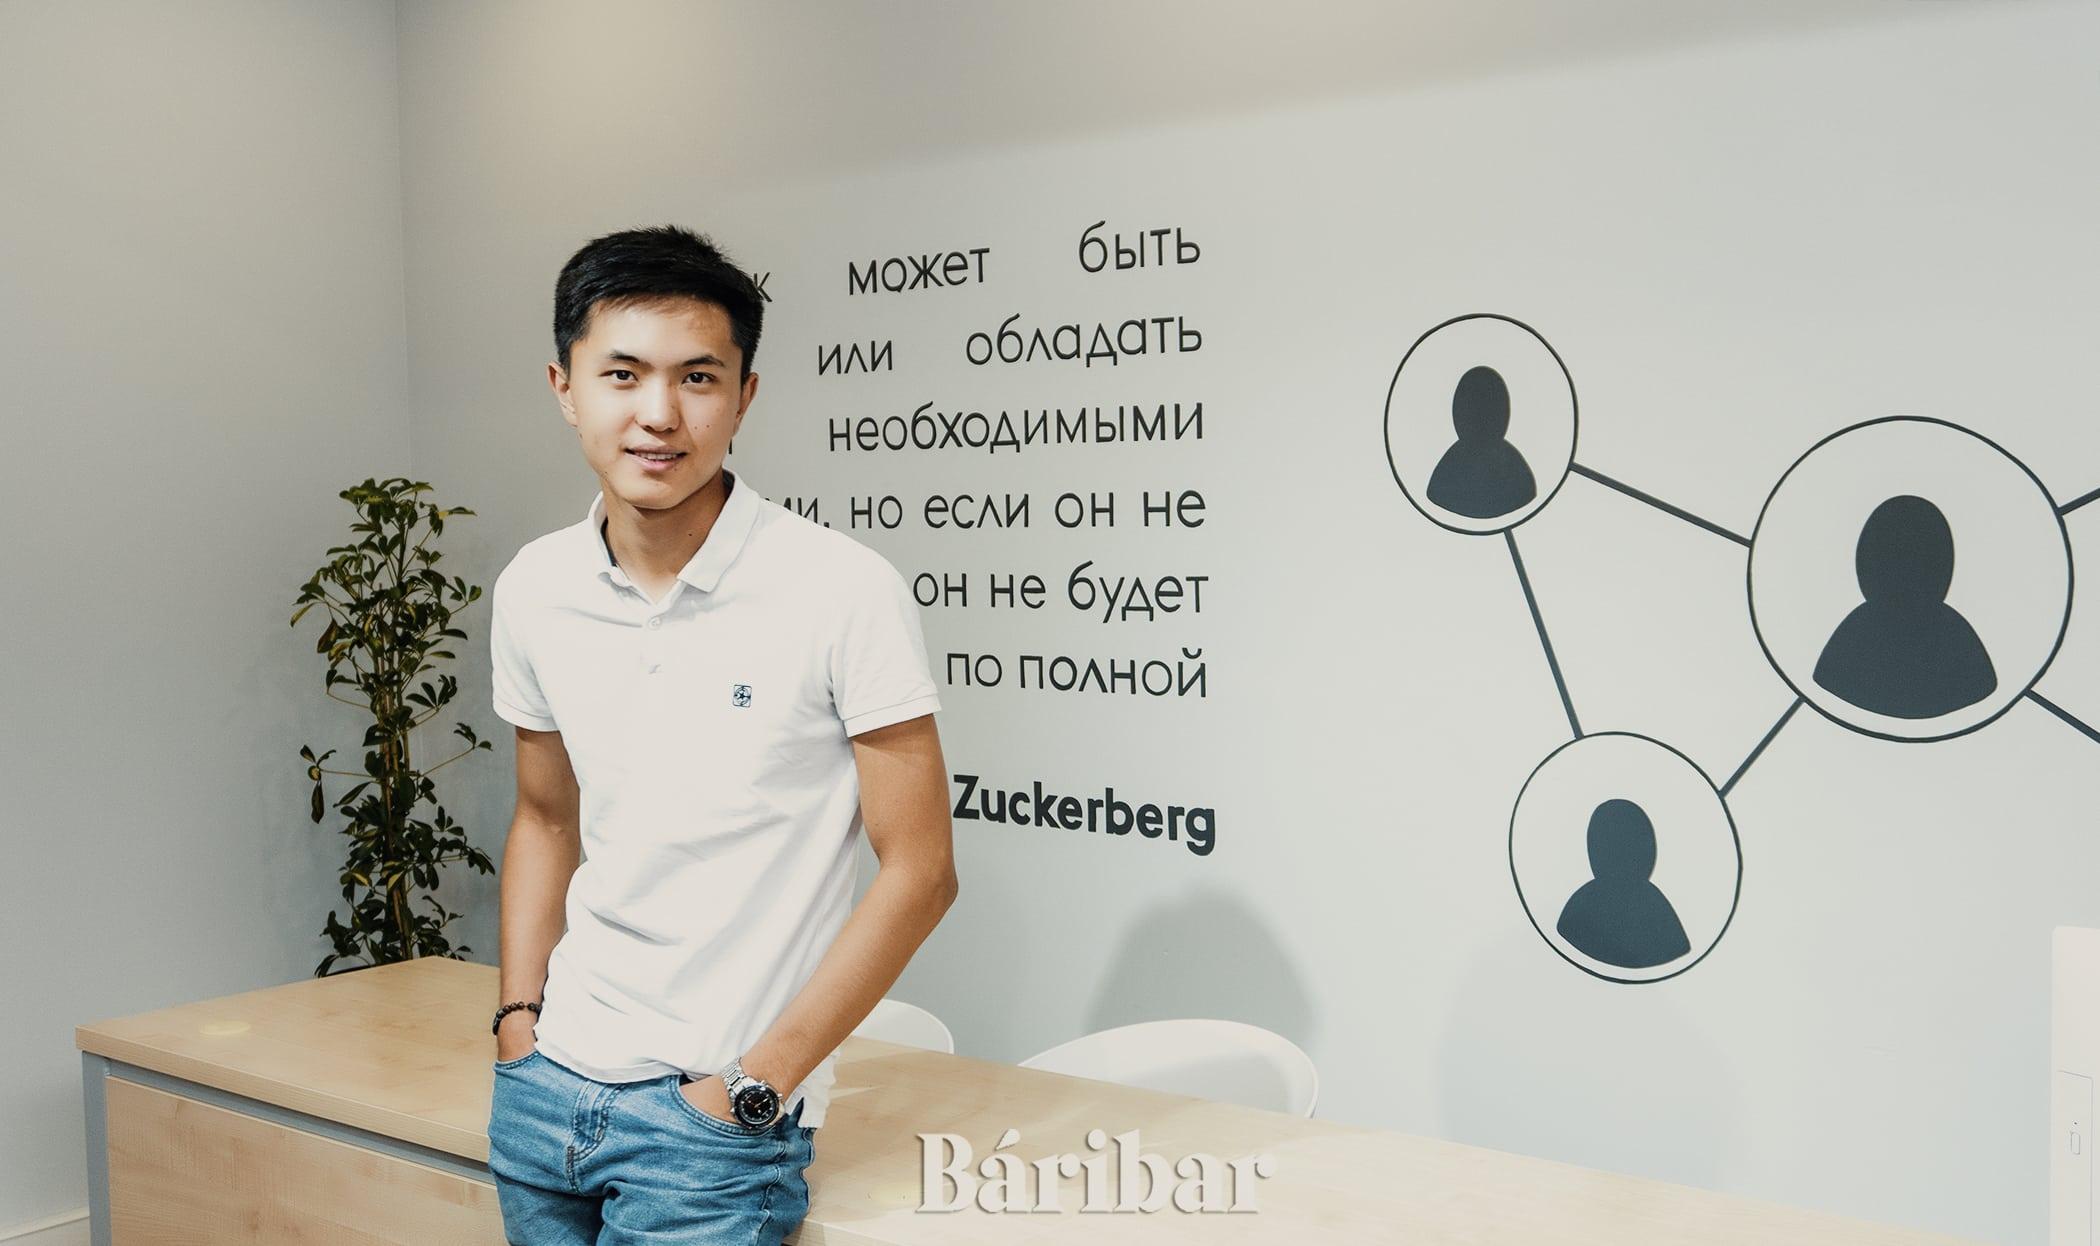 Нұрсұлтан Байжанов